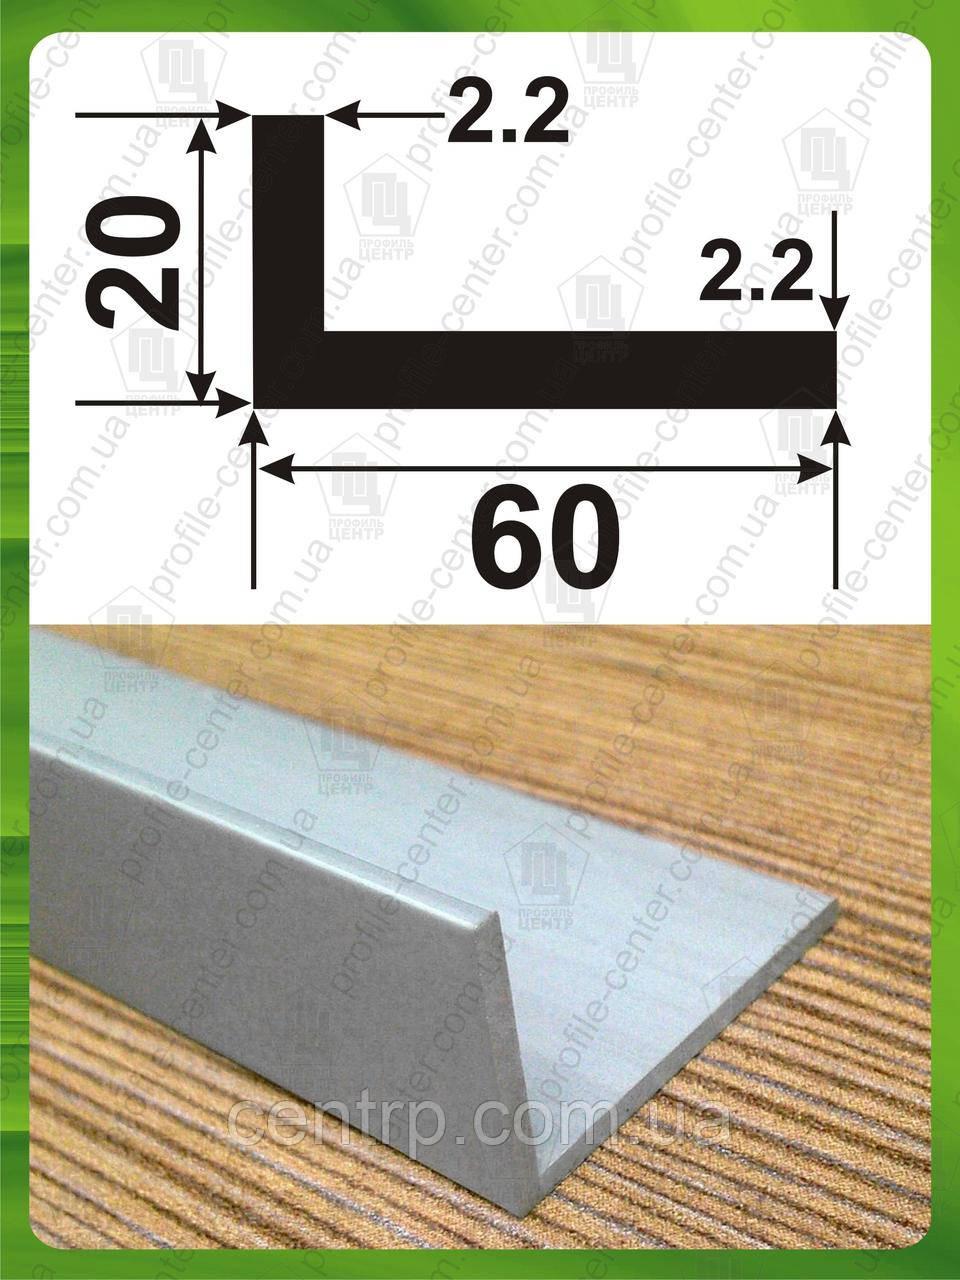 Уголок алюминиевый 60*20*2,2 разнополочный (разносторонний)